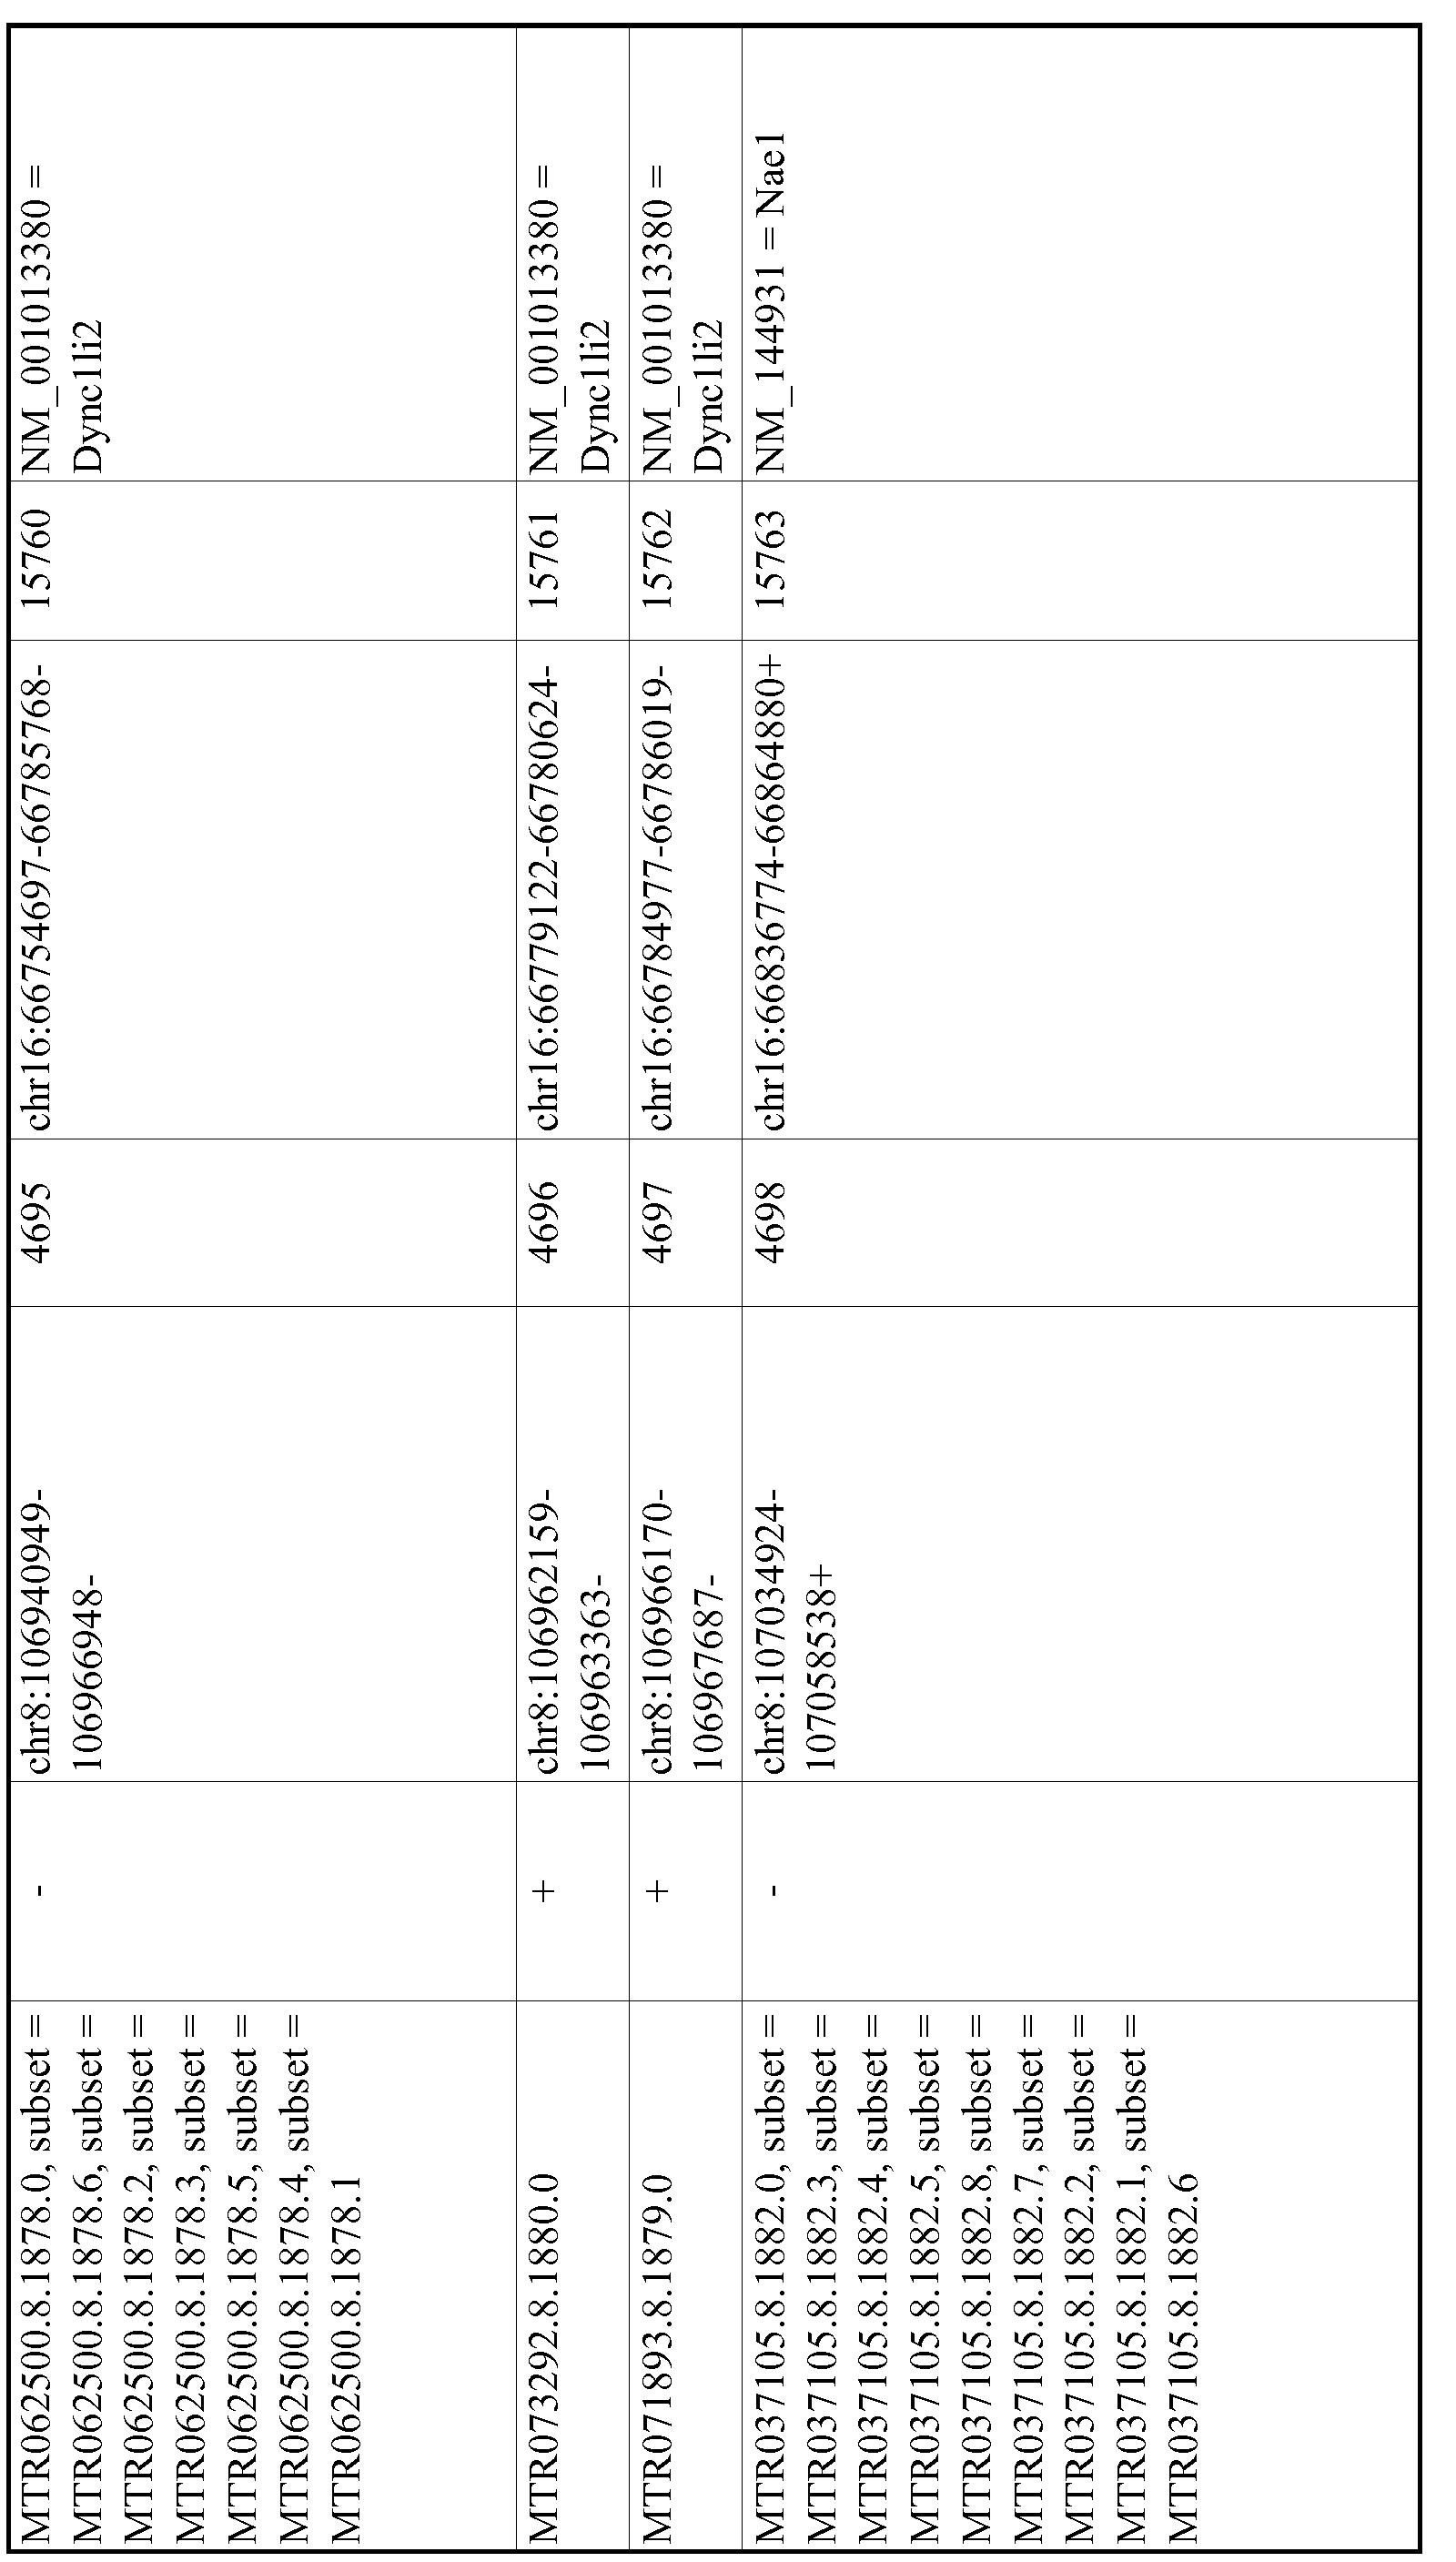 Figure imgf000870_0001